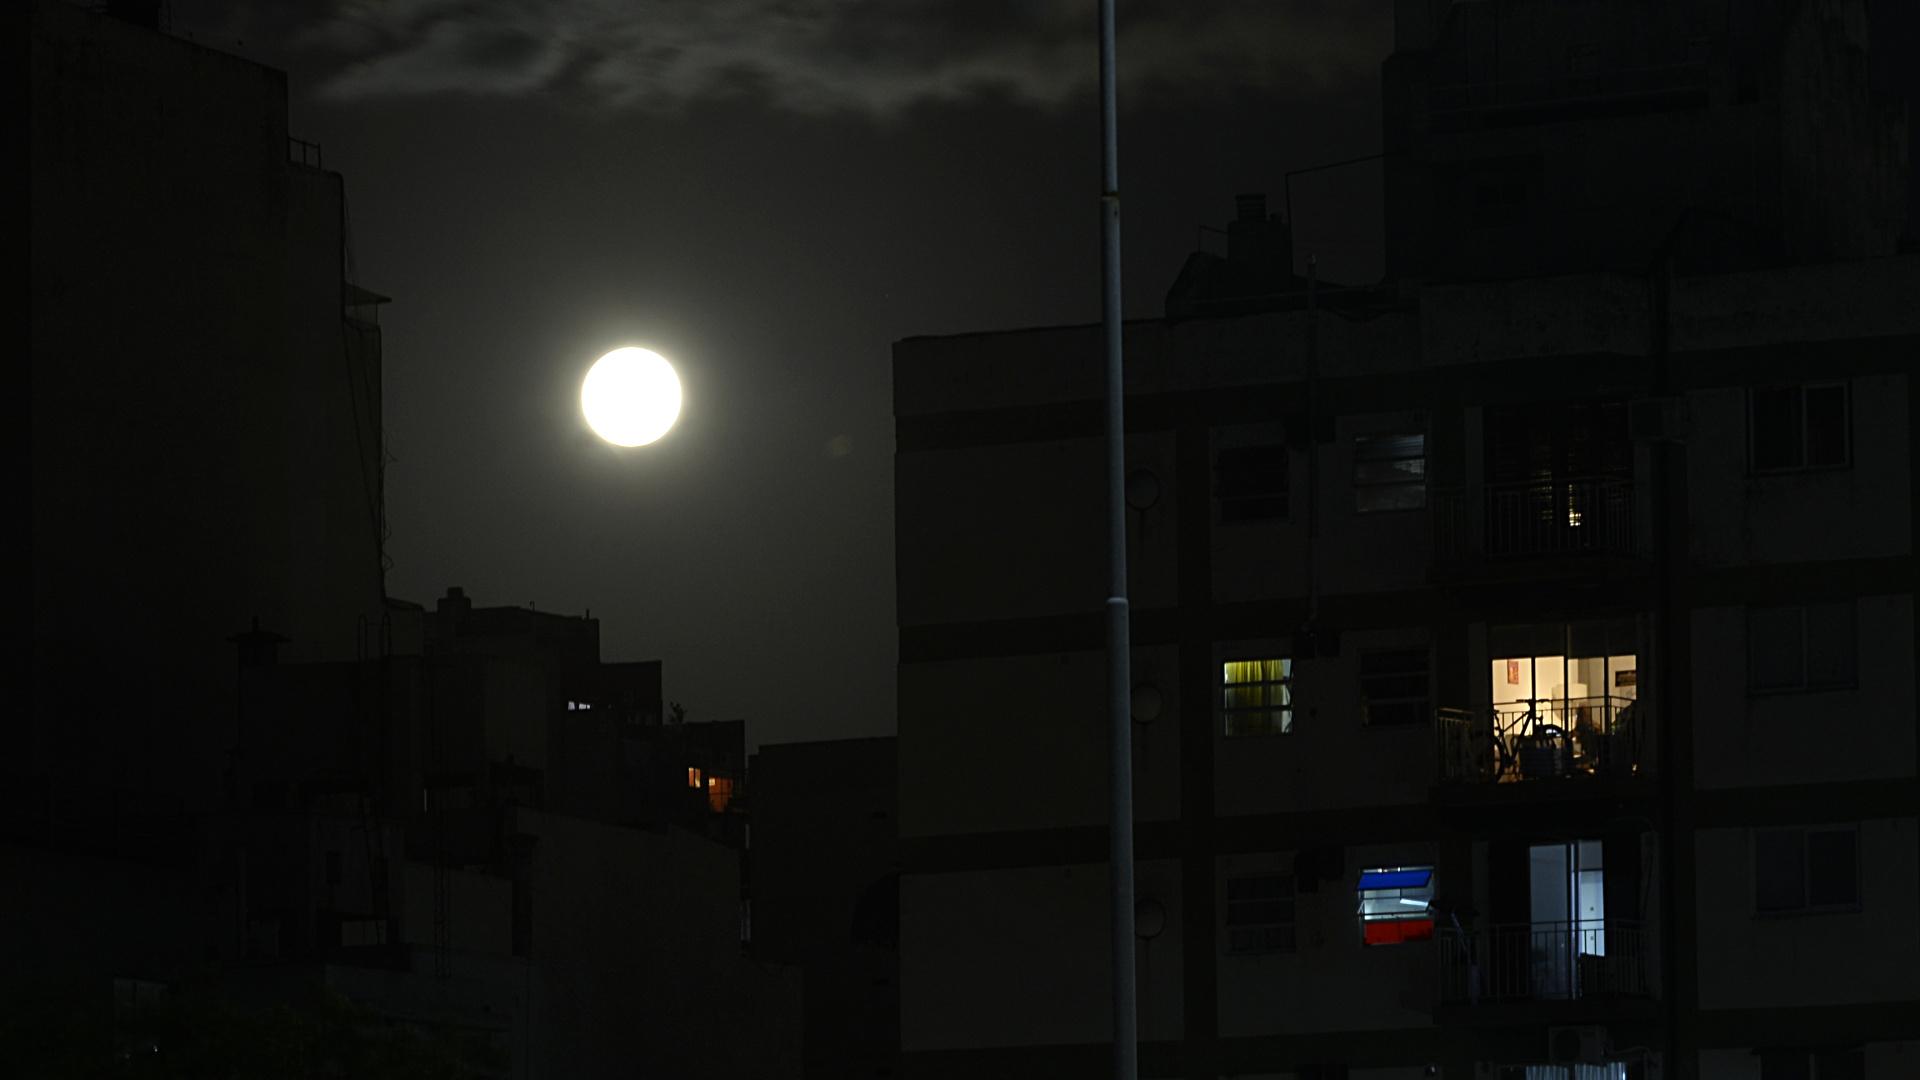 Con este fenómeno astronómico, la Ciudad de Buenos Aires le dio la despedida al mes de noviembre